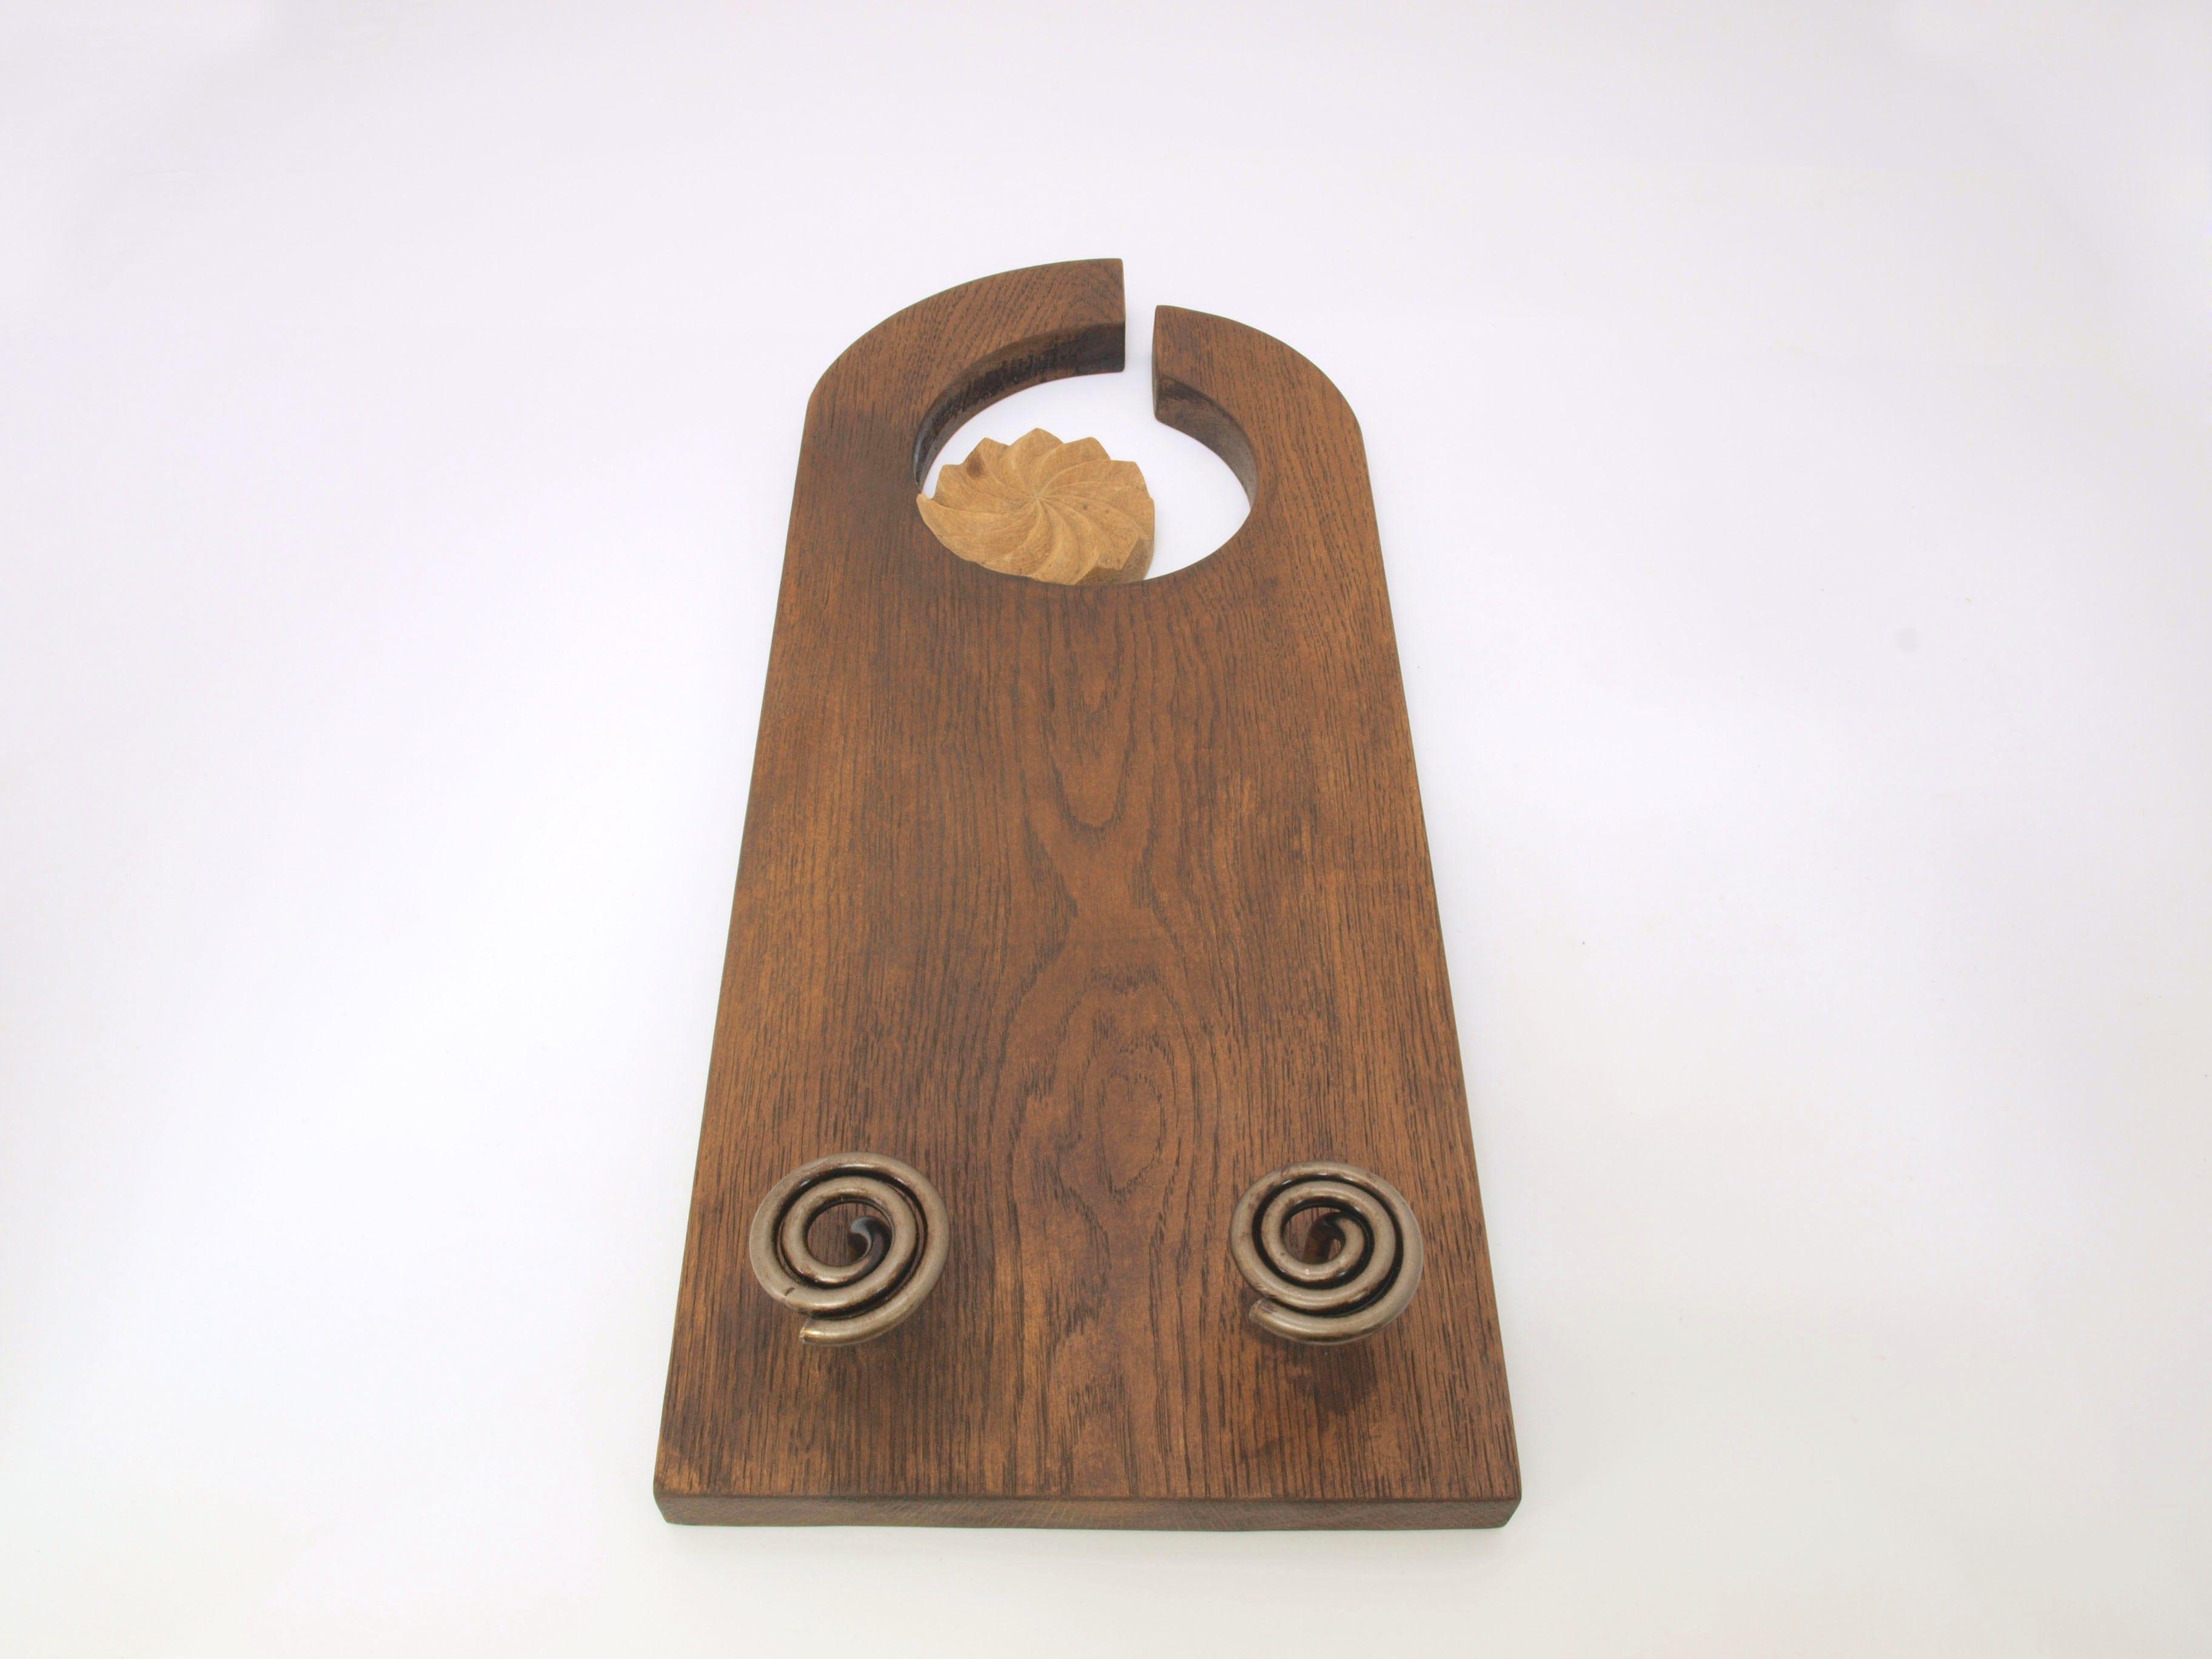 Perchero con estela tallado en madera de roble, tratado con betún judaico a dos tonos con dos perchas de hierro artesanales.  Dimensiones: 60×25cm.aprox.